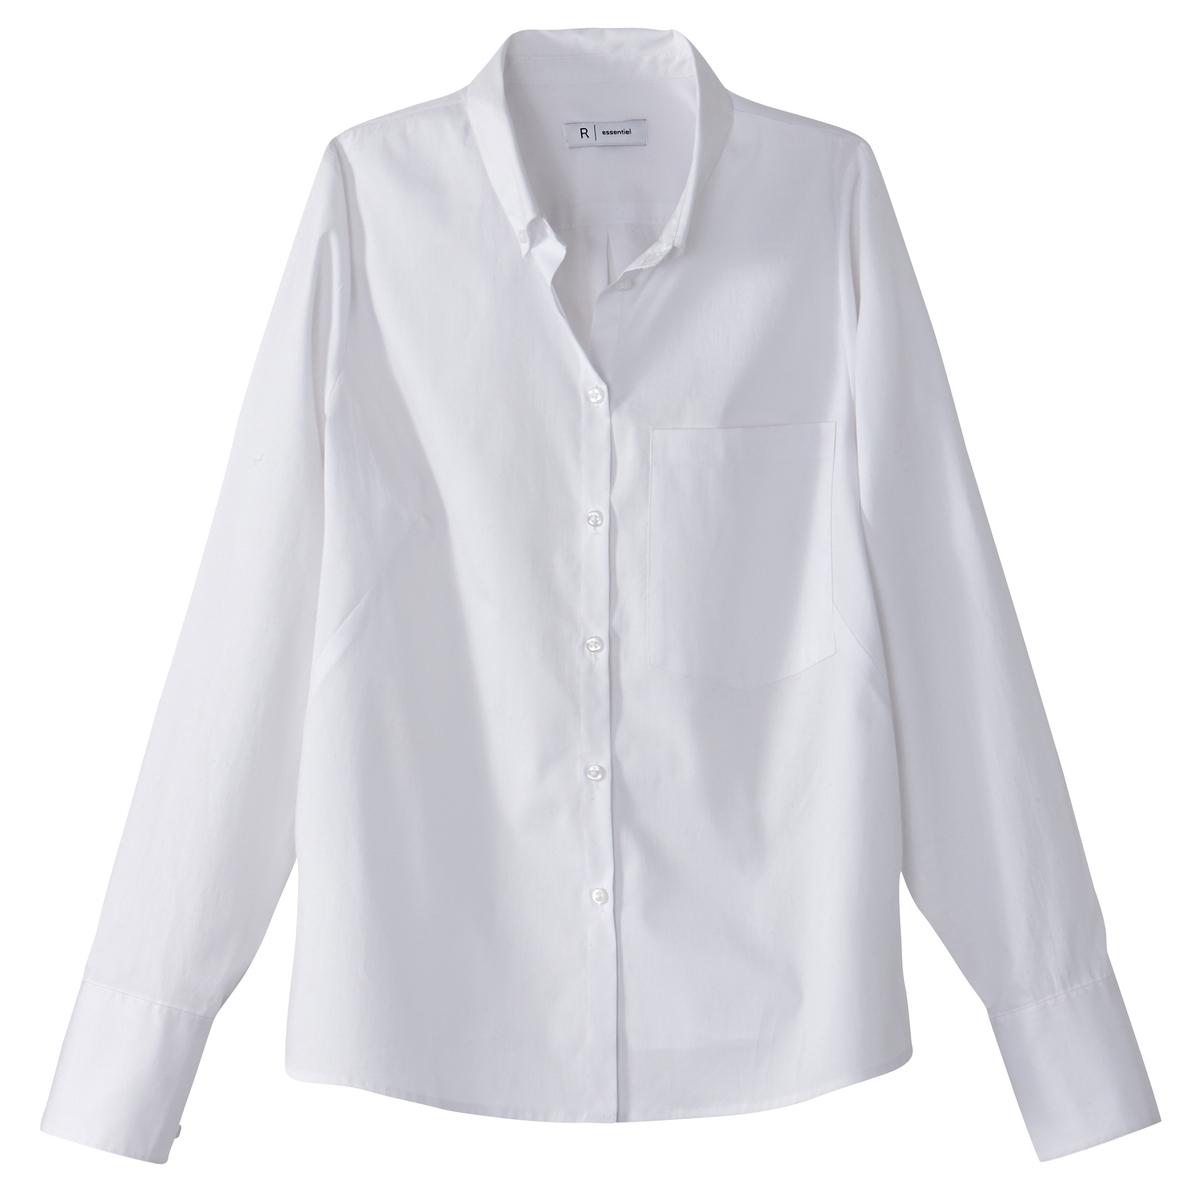 Рубашка хлопковая с длинными рукавамиДетали •  Длинные рукава  •  Прямой покрой  •  Воротник-поло, рубашечный  •  Кончики воротника на пуговицах Состав и уход • 99% хлопка, 1% эластана   •  Температура стирки 30°   •  Сухая чистка и отбеливание запрещены    • Барабанная сушка на слабом режиме       •  Низкая температура глажки<br><br>Цвет: белый<br>Размер: 42 (FR) - 48 (RUS).44 (FR) - 50 (RUS).48 (FR) - 54 (RUS).46 (FR) - 52 (RUS)